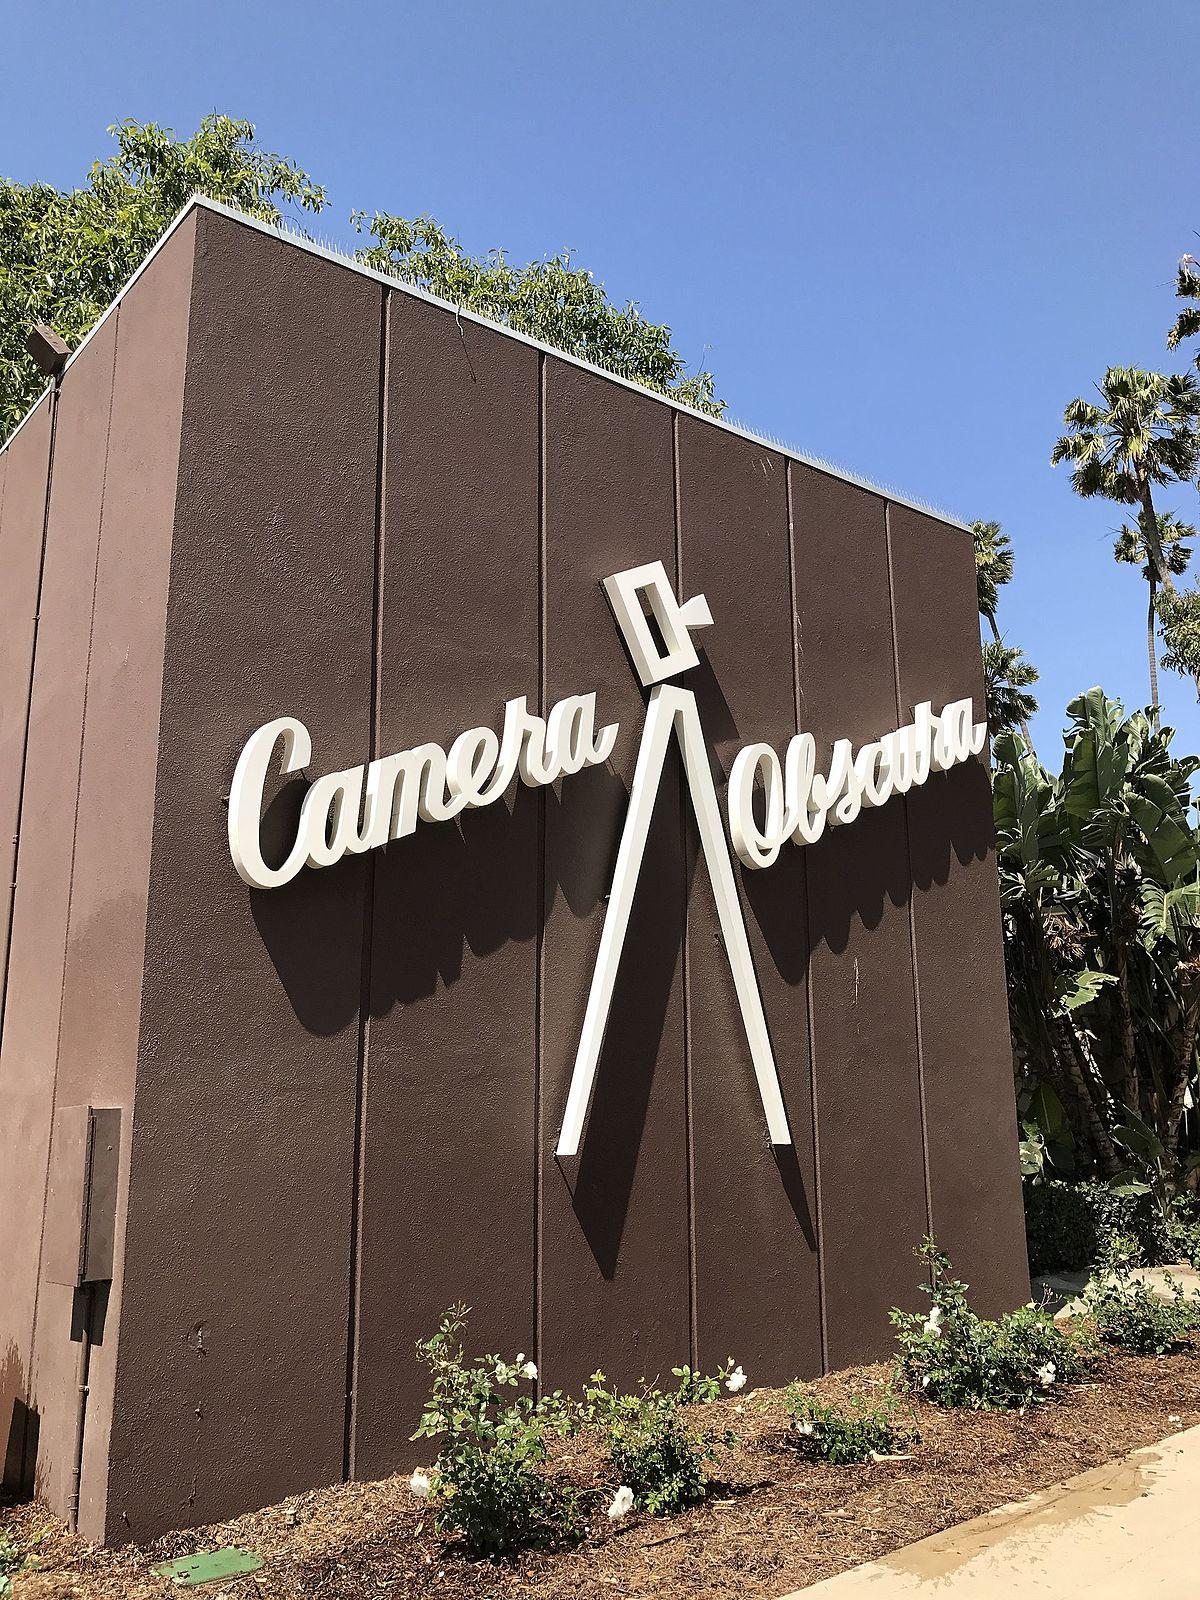 Camera Obscura-Santa Monica